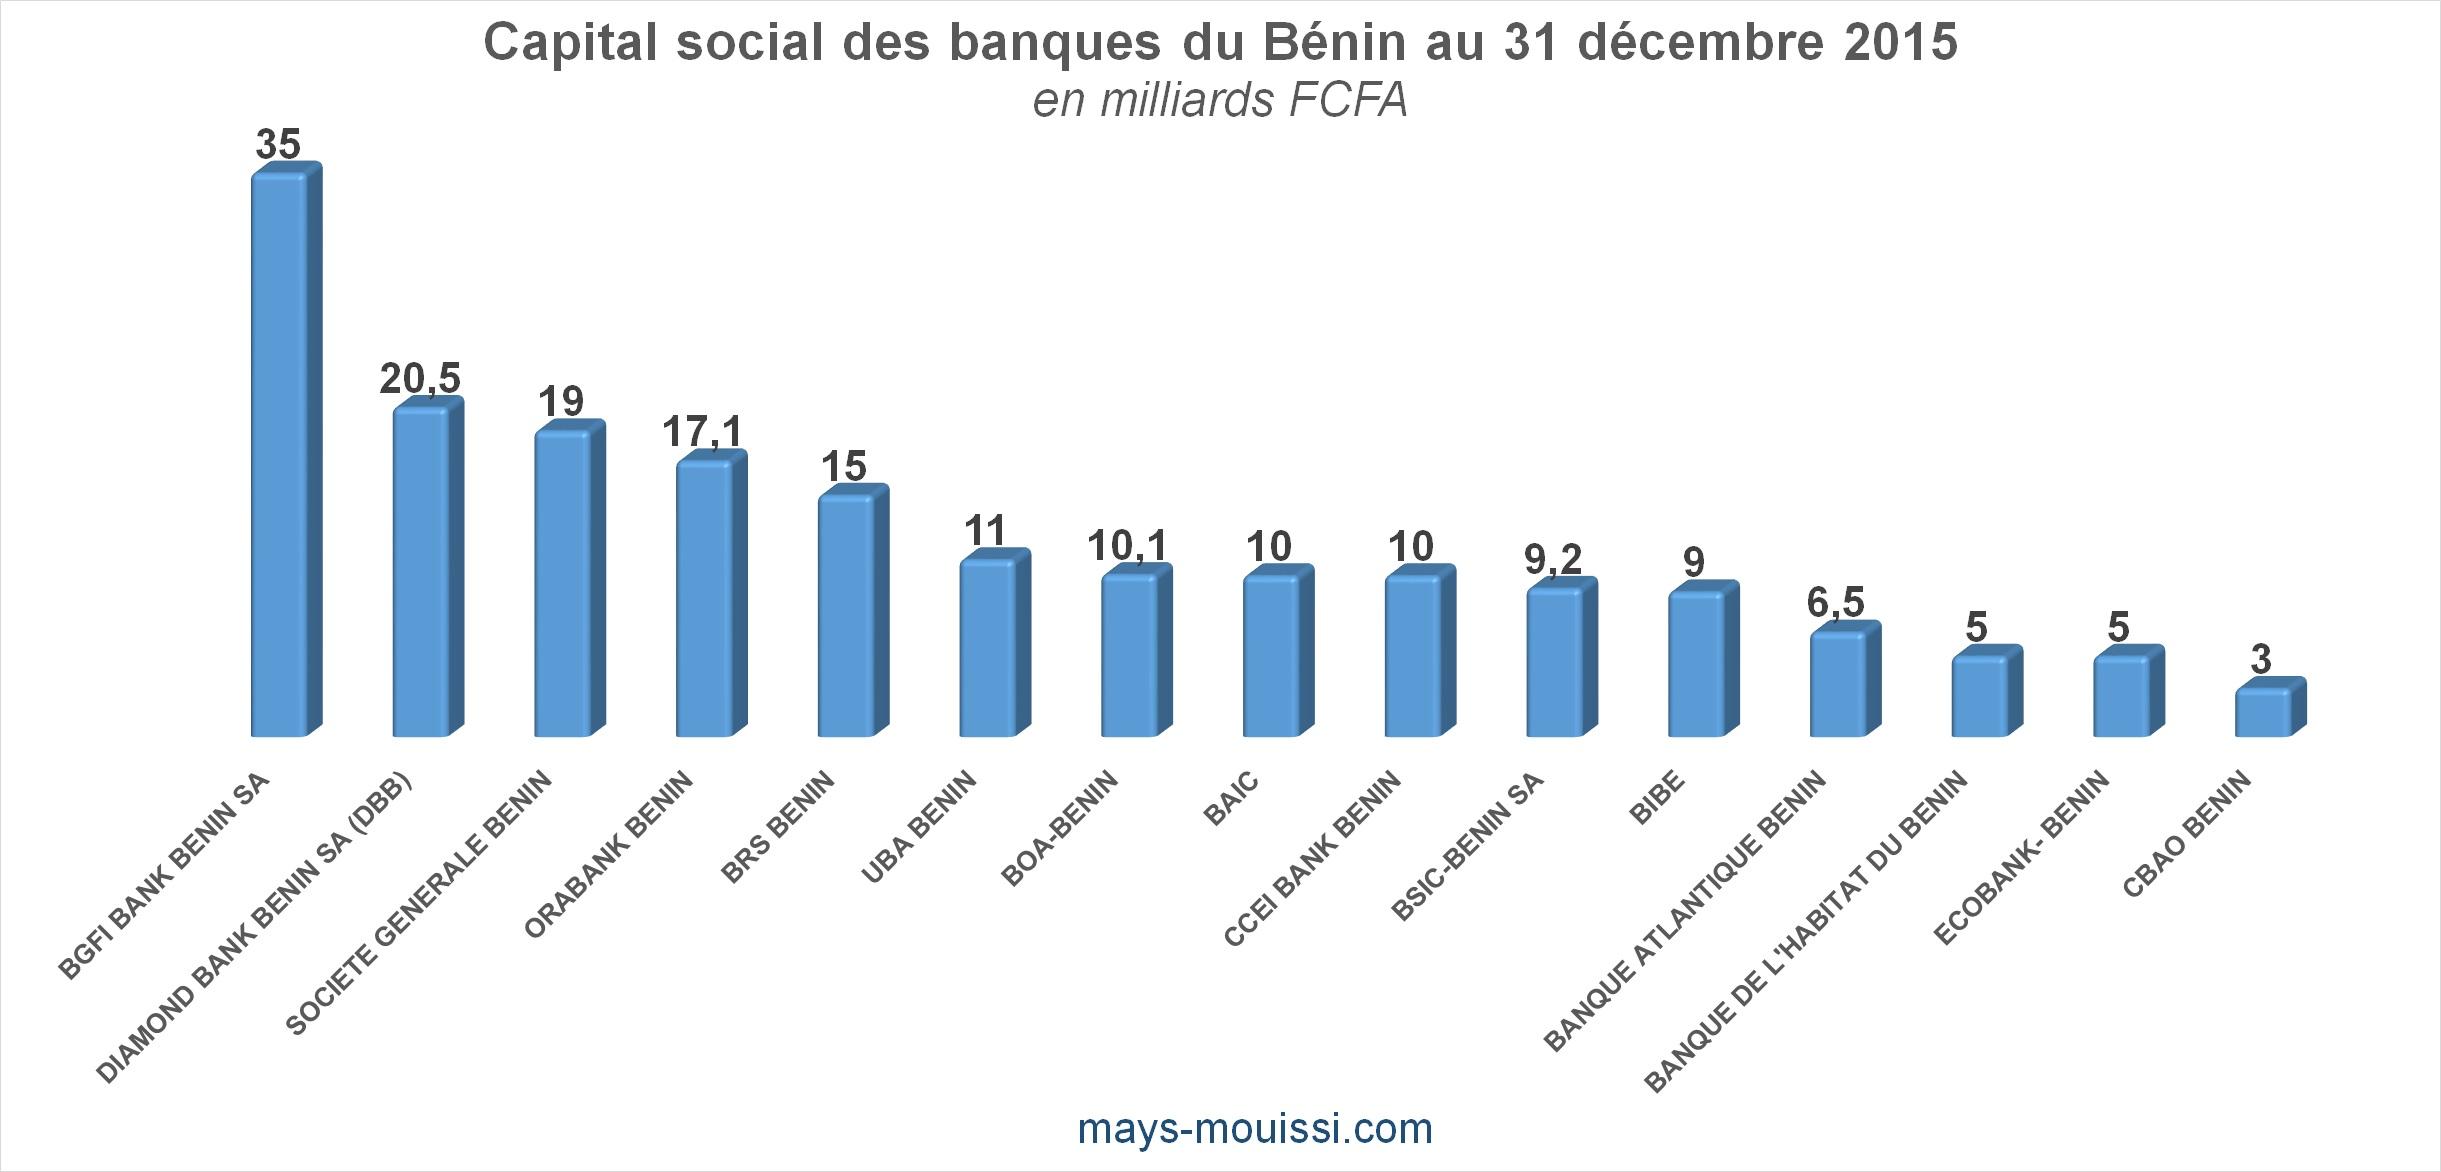 Les banques du Bénin, leur capital et leurs actionnaires